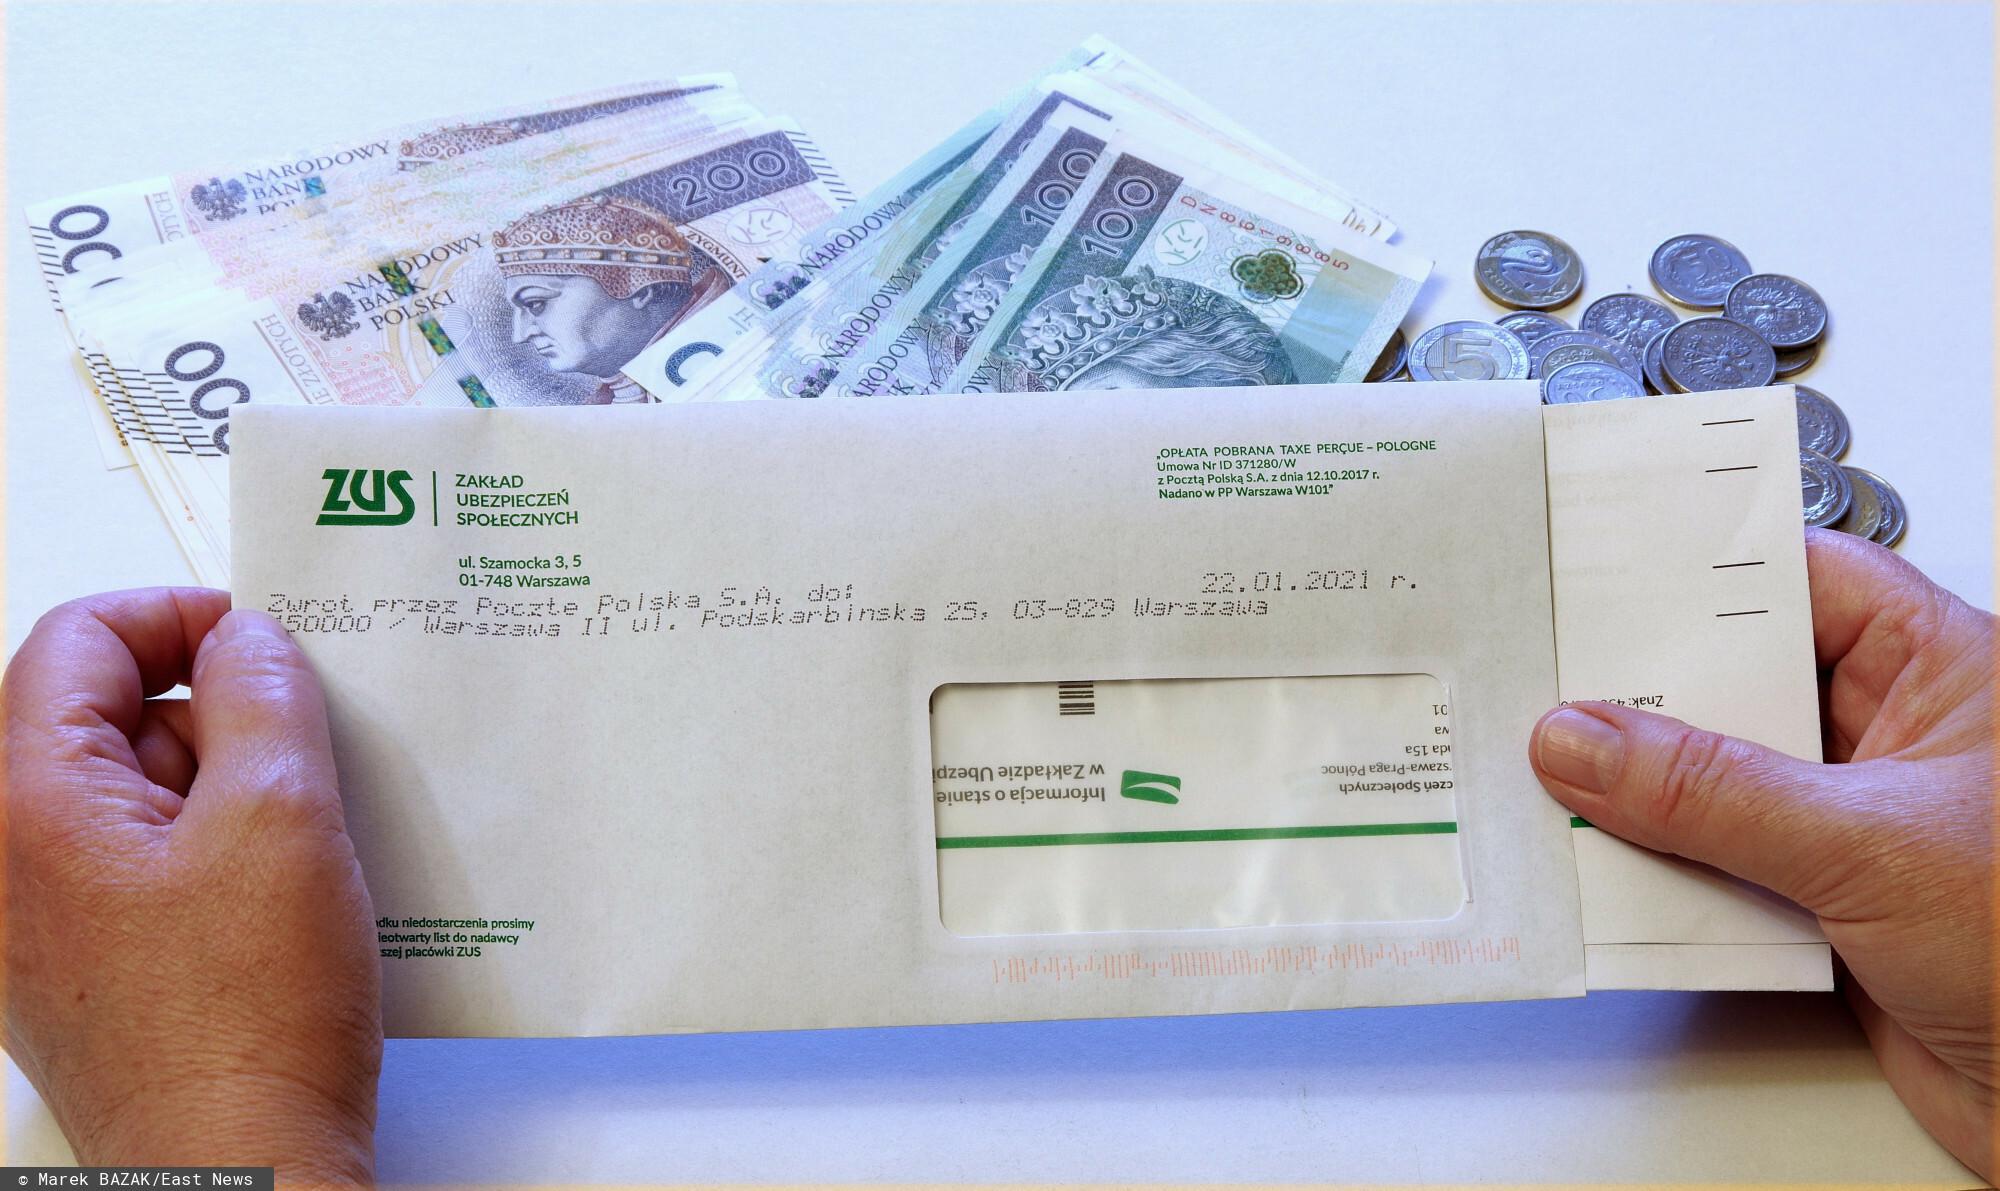 PHOTO: ZOFIA I MAREK BAZAK / EAST NEWS N/Z Korespondencja z ZUS-u i pieniadze